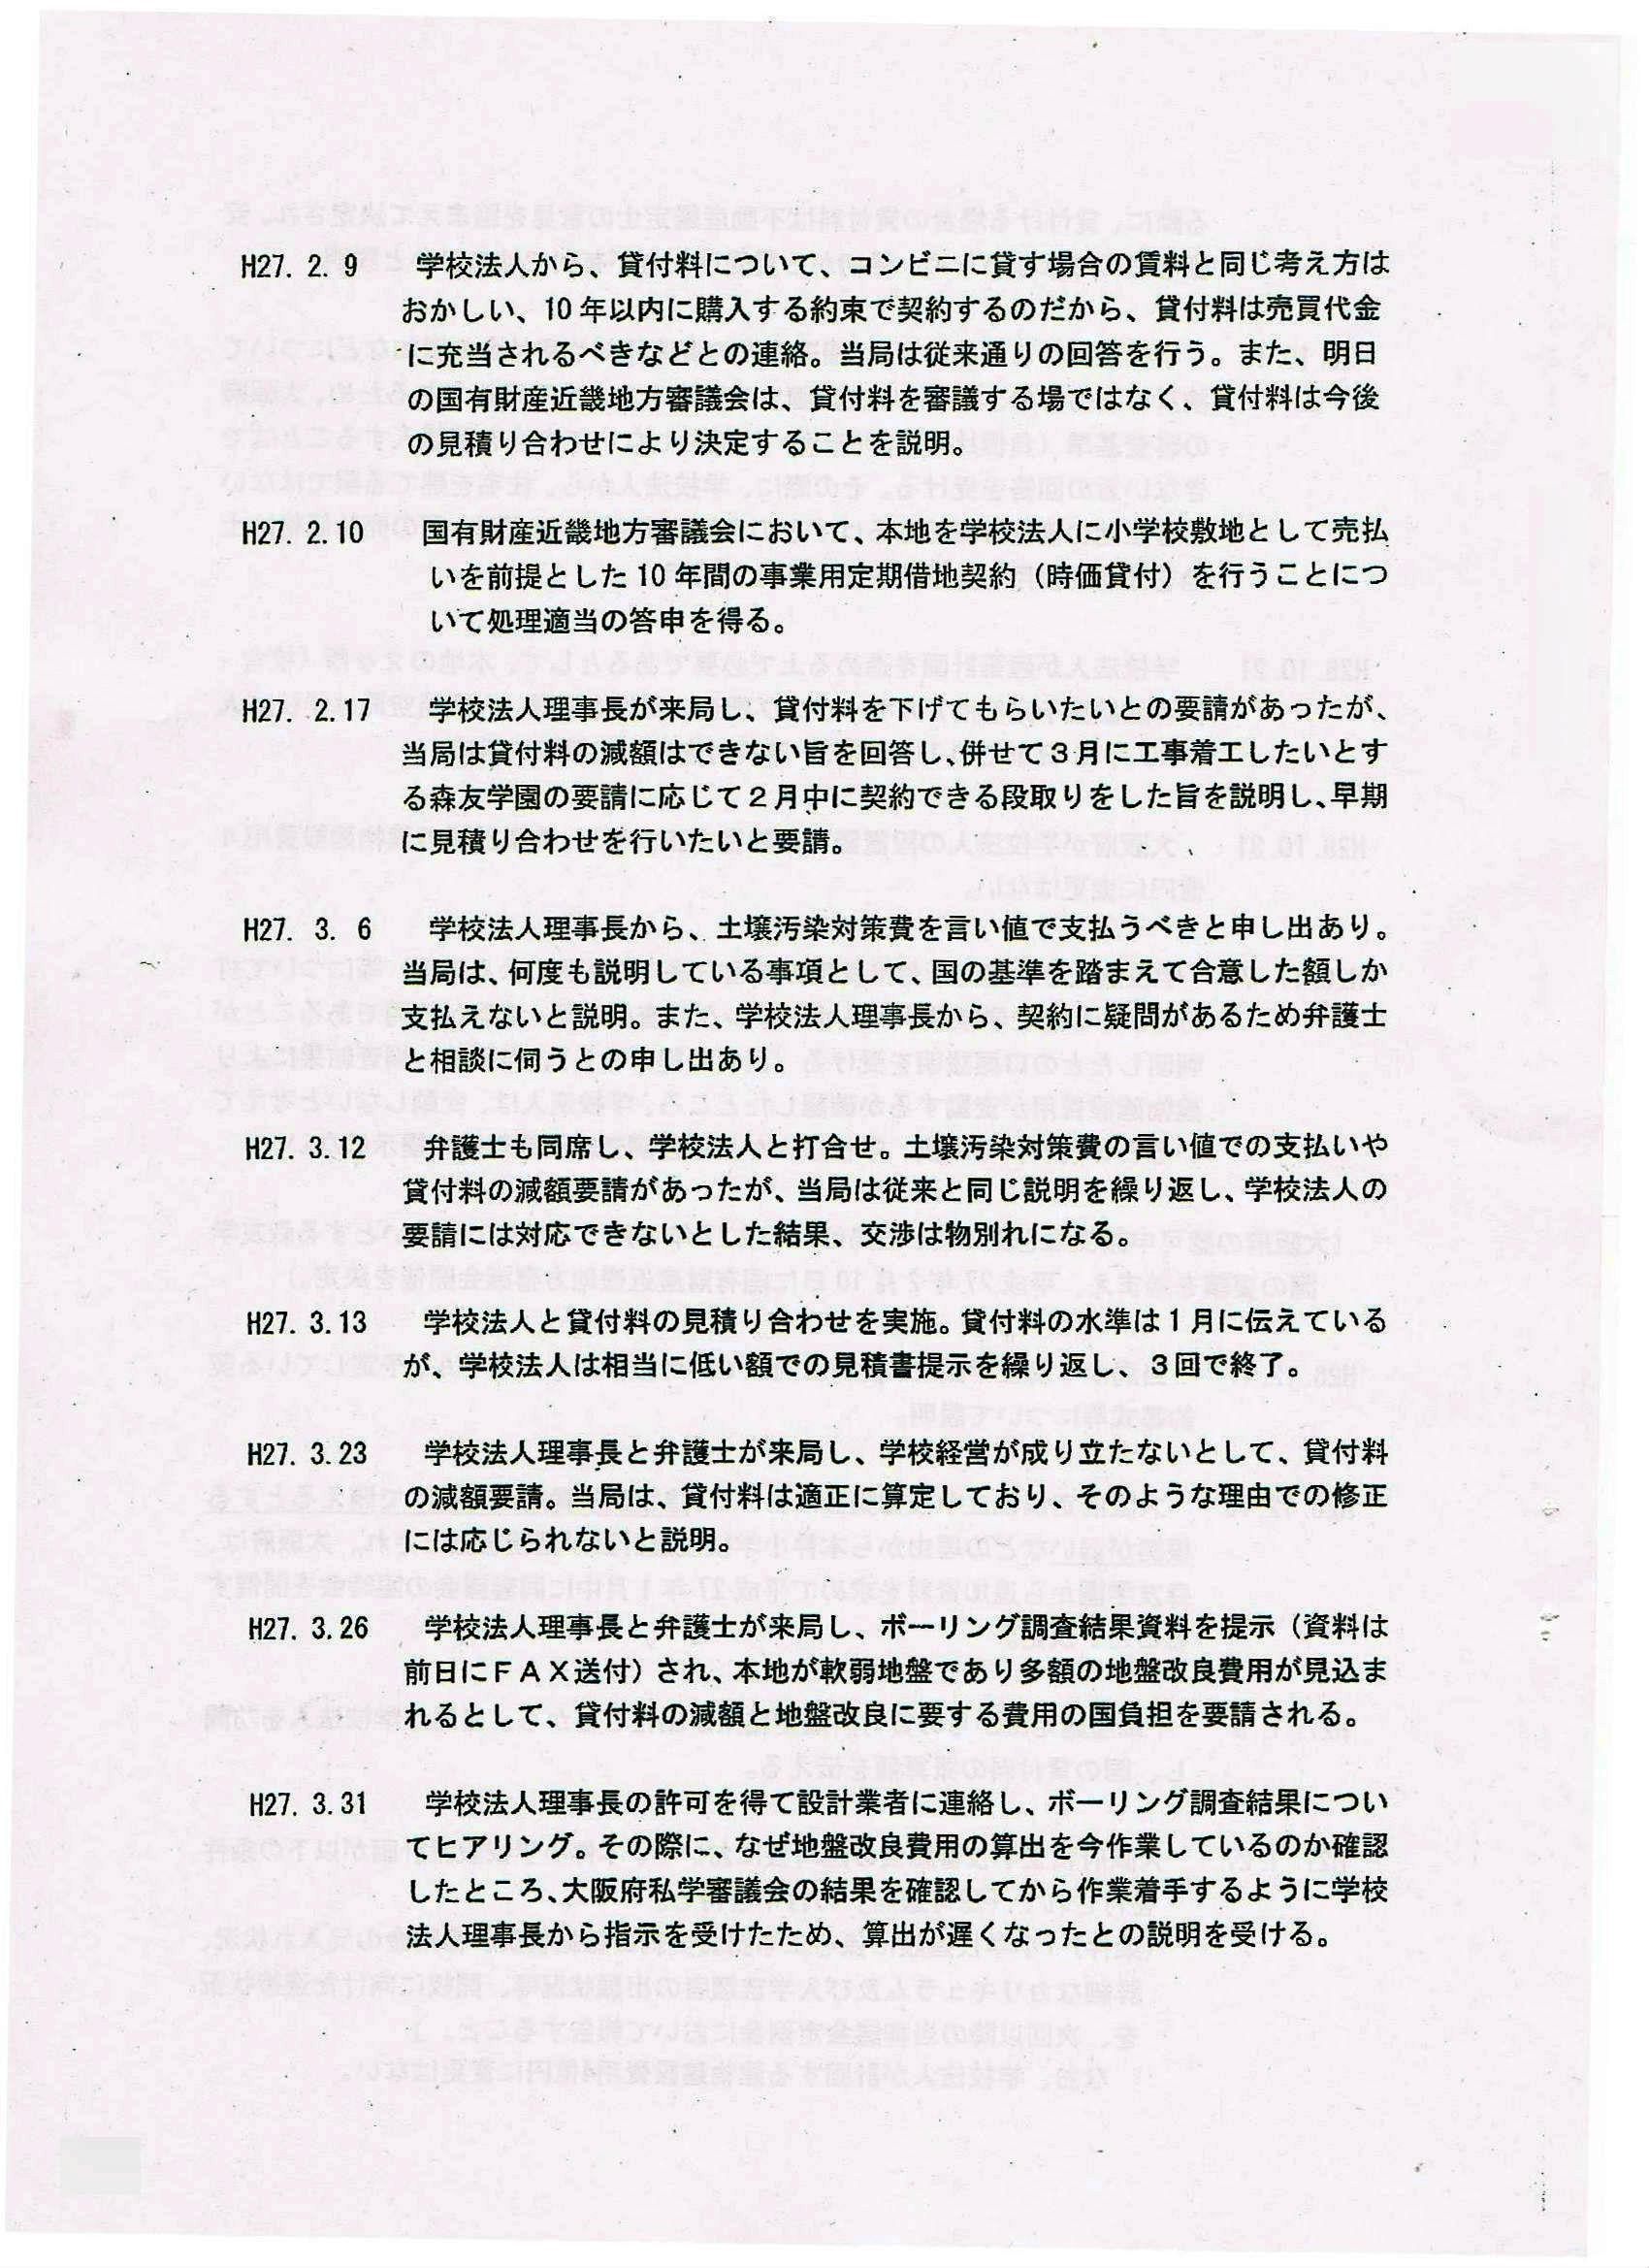 http://hunter-investigate.jp/news/36391690e3578daaa92d448554ecd523648d0df1.jpg